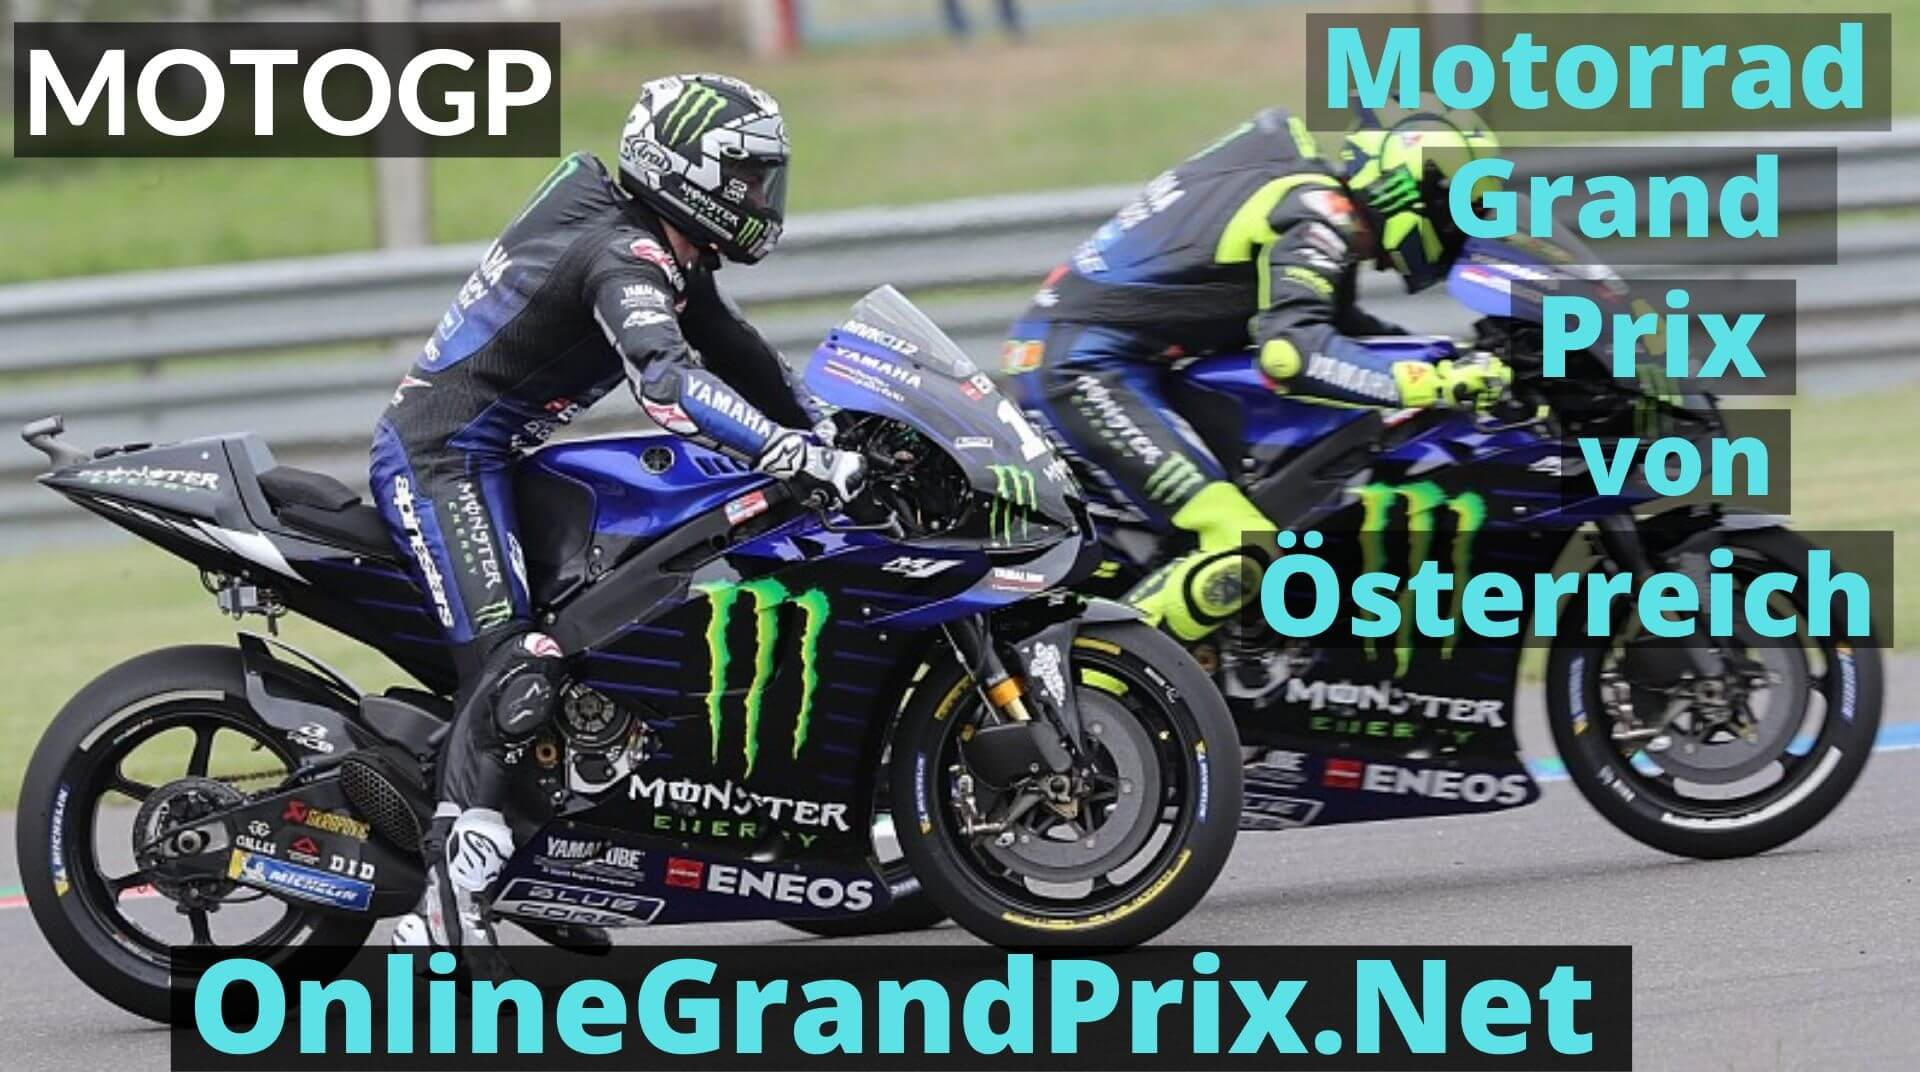 Motorrad Grand Prix von Osterreich Live Stream 2020 | MotoGP